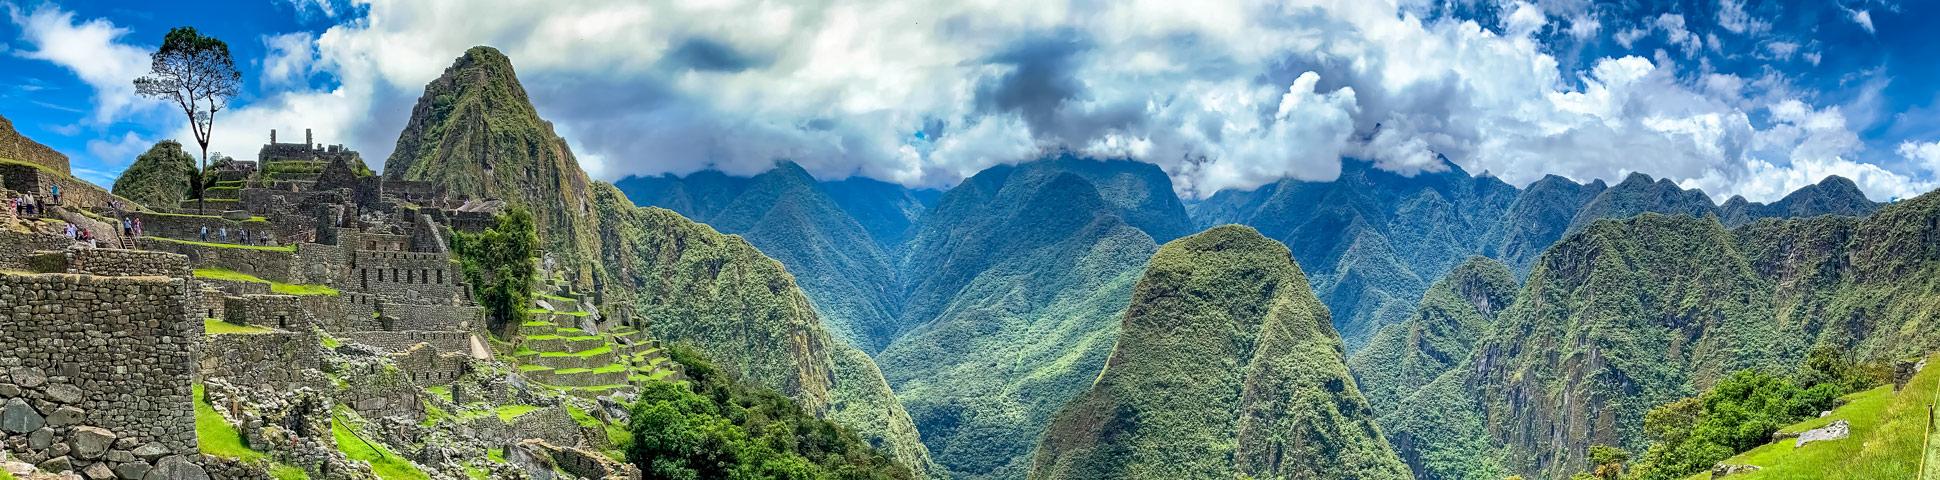 Panoramic view of Choquequirao Trek & Machu Picchu Tour